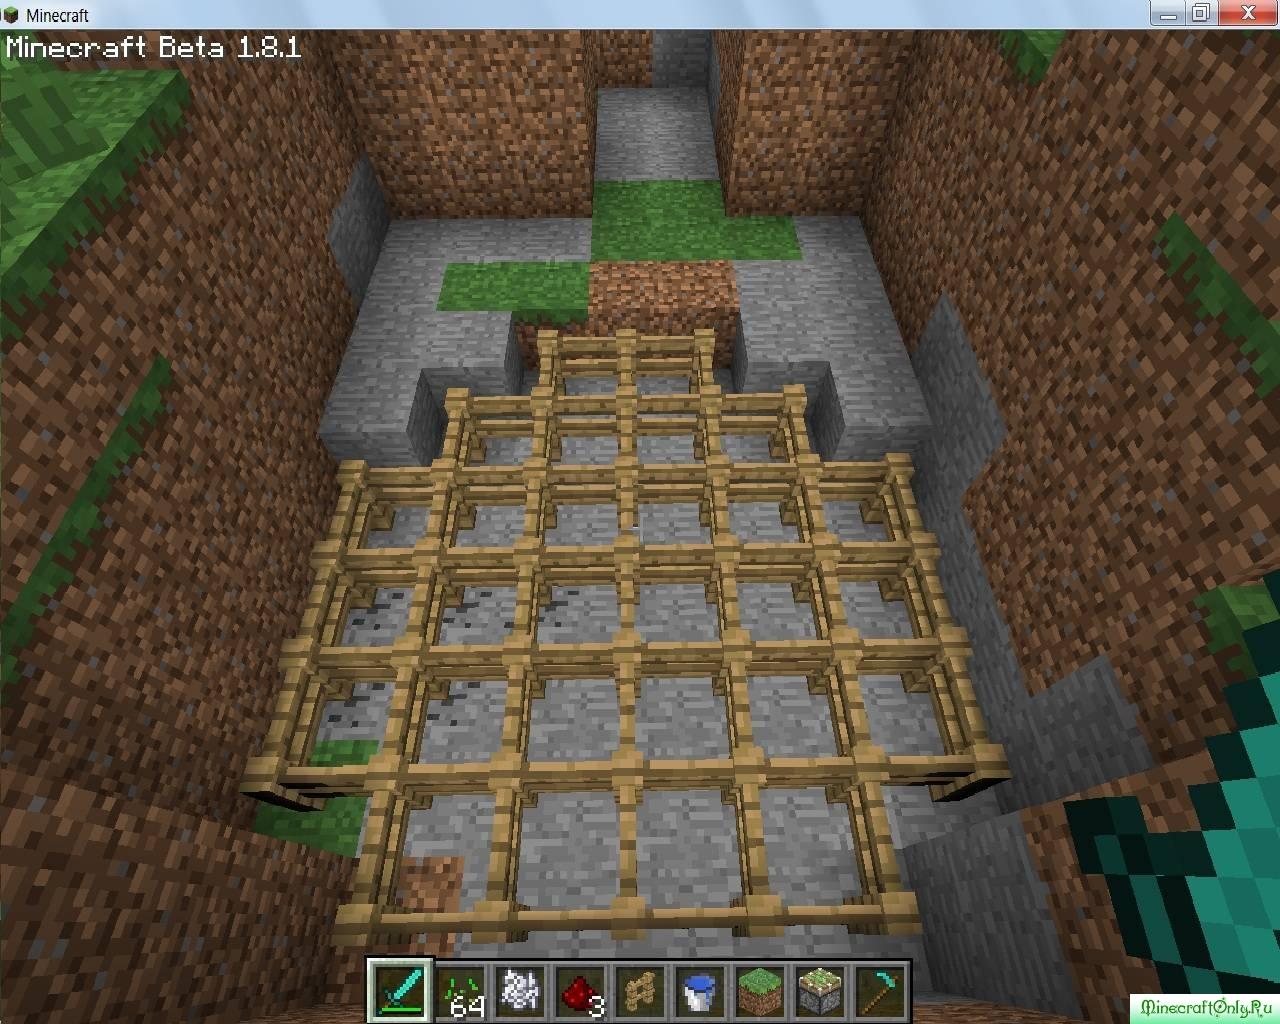 как в майнкрафте вырастить пшеницу #6